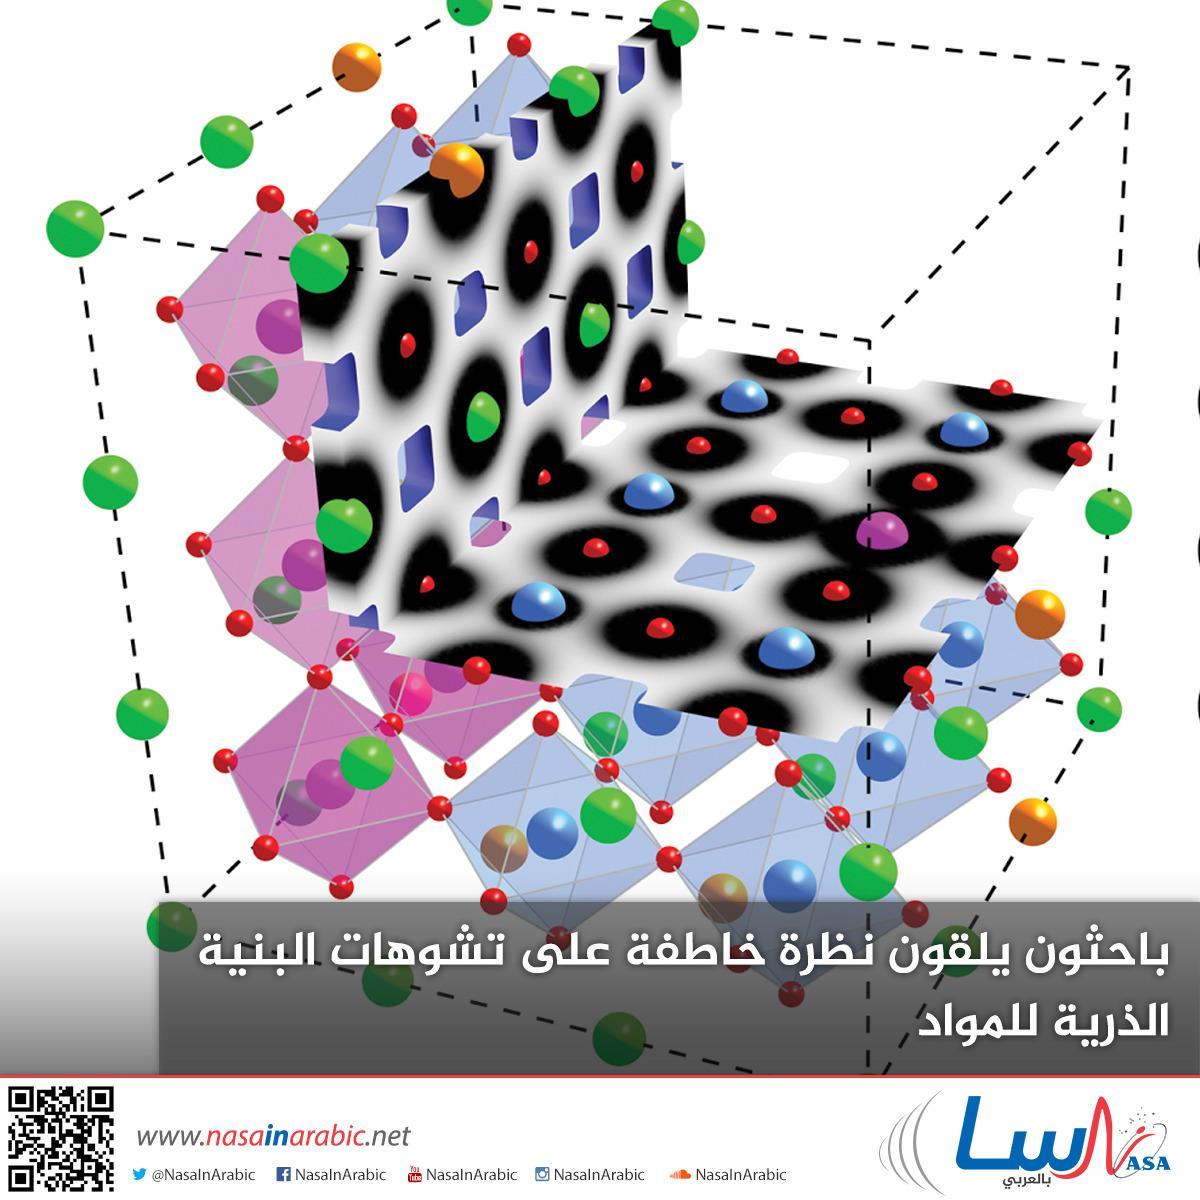 باحثون يلقون نظرة خاطفة على تشوهات البنية الذرية للمواد